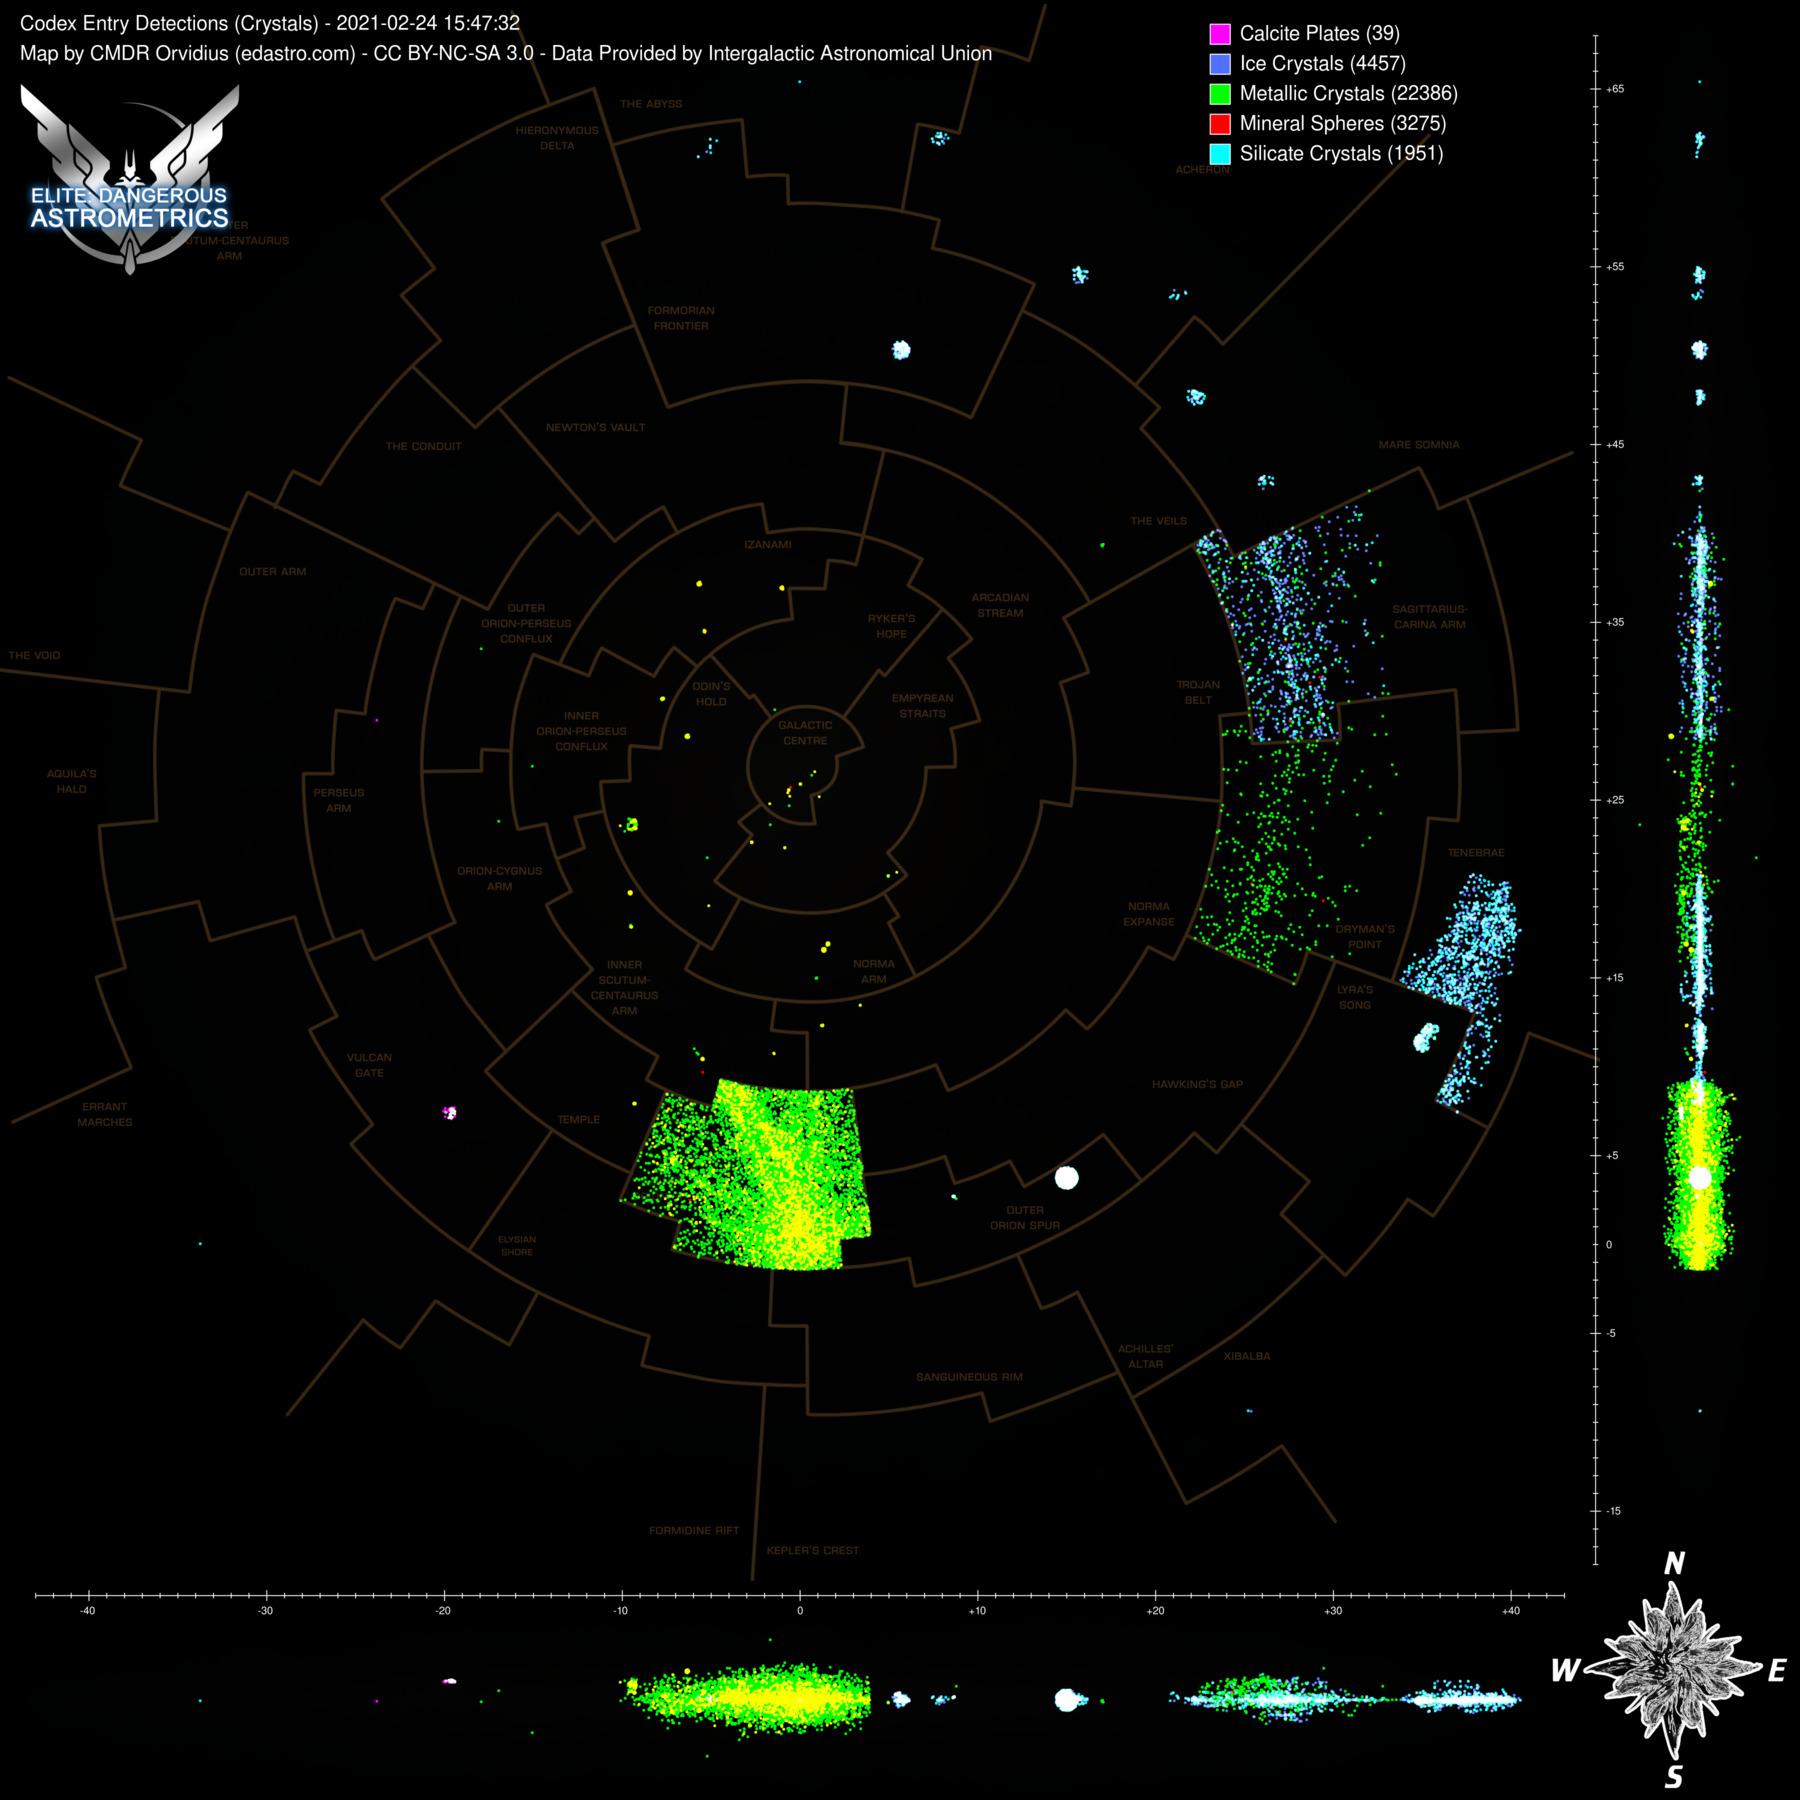 IGAU-Codex-crystals-regions.jpg